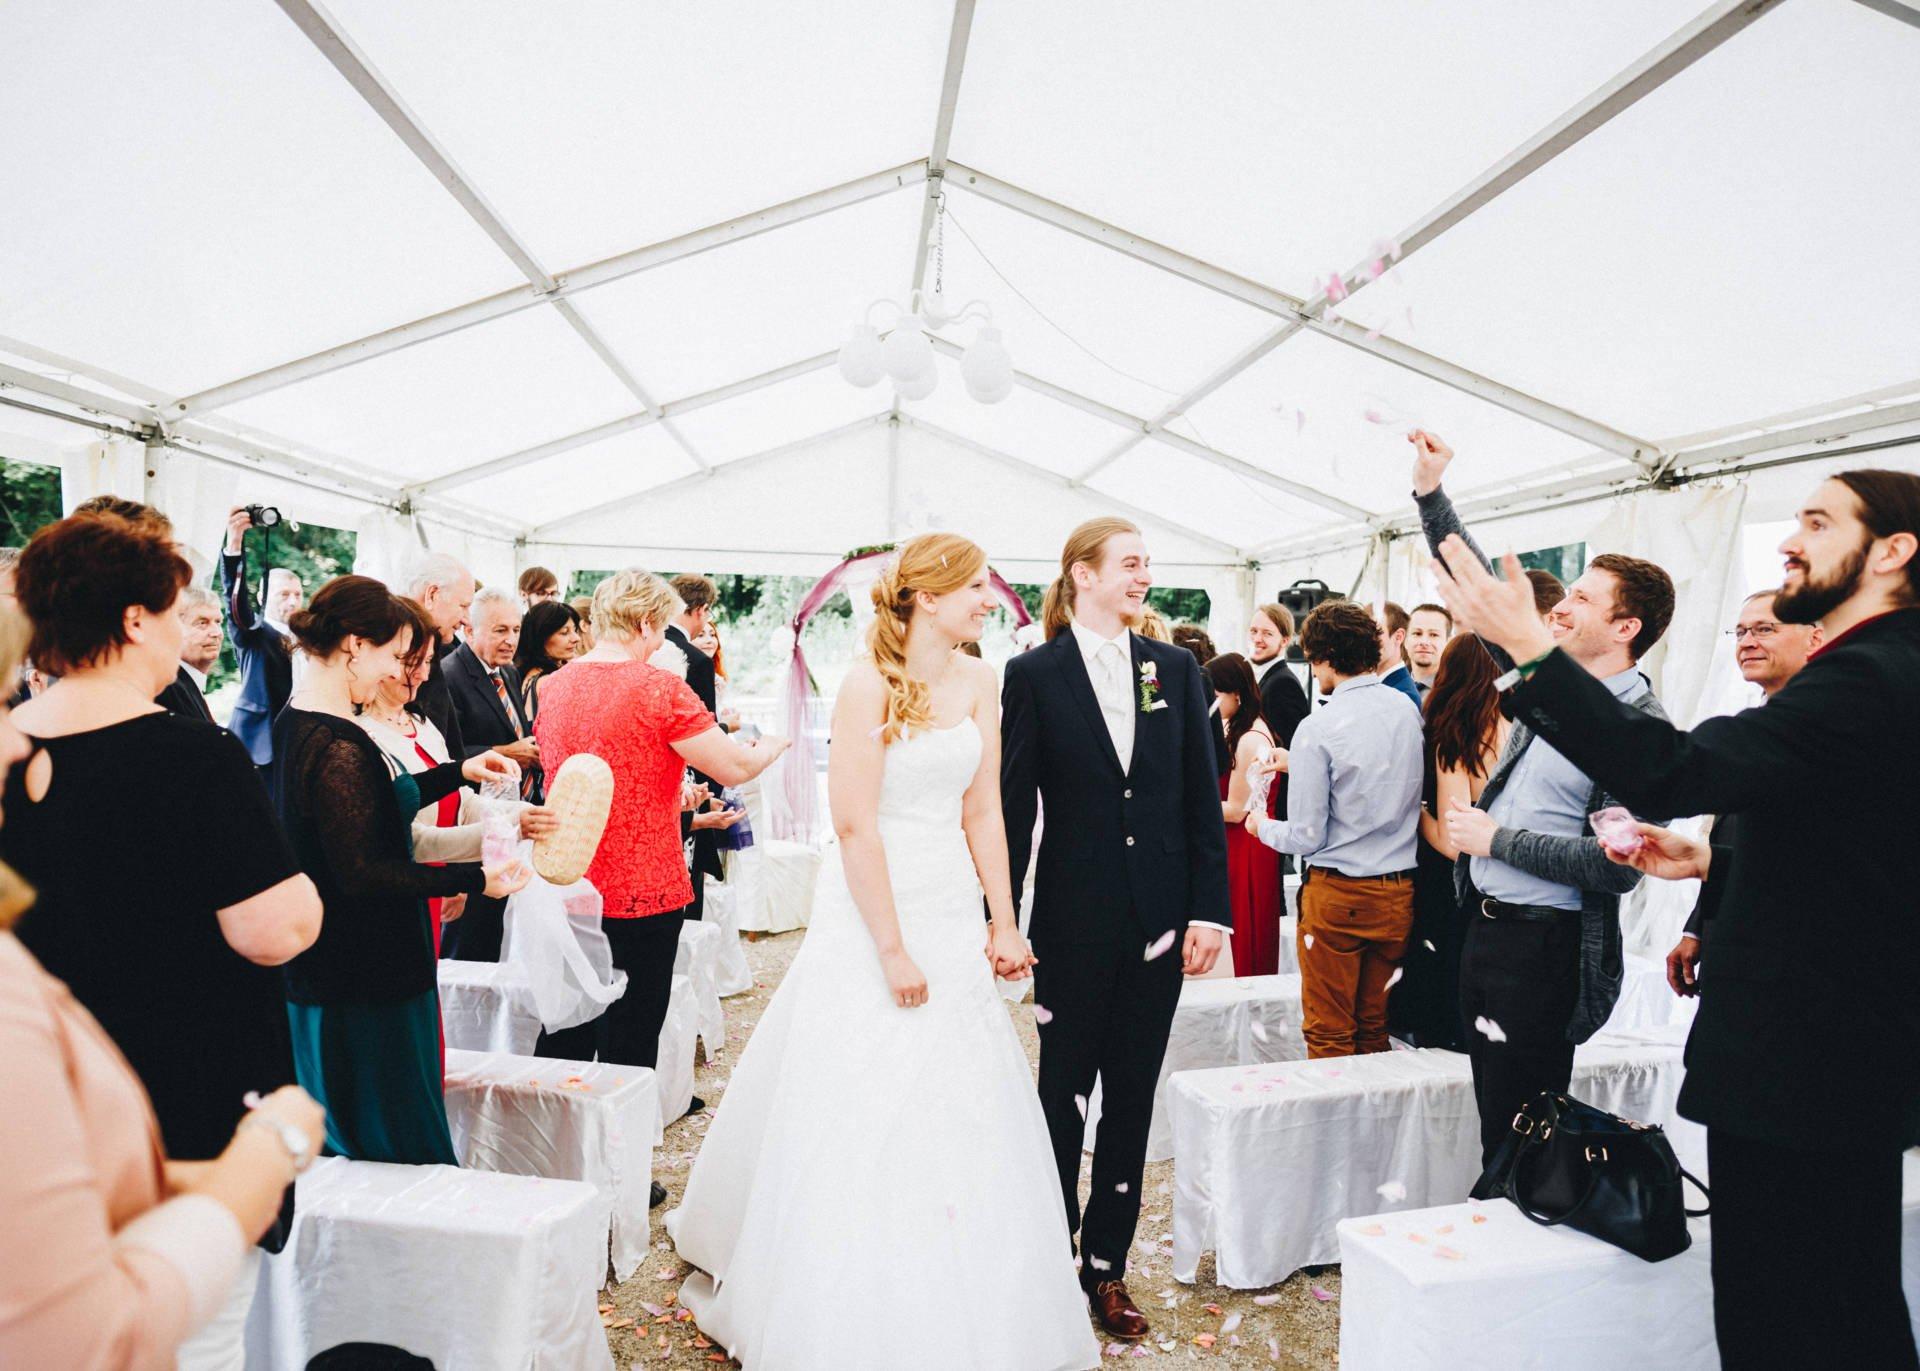 50mmfreunde Hochzeit Poesneck VillaAltenburg 22 - Freie Trauung in der Villa Altenburg